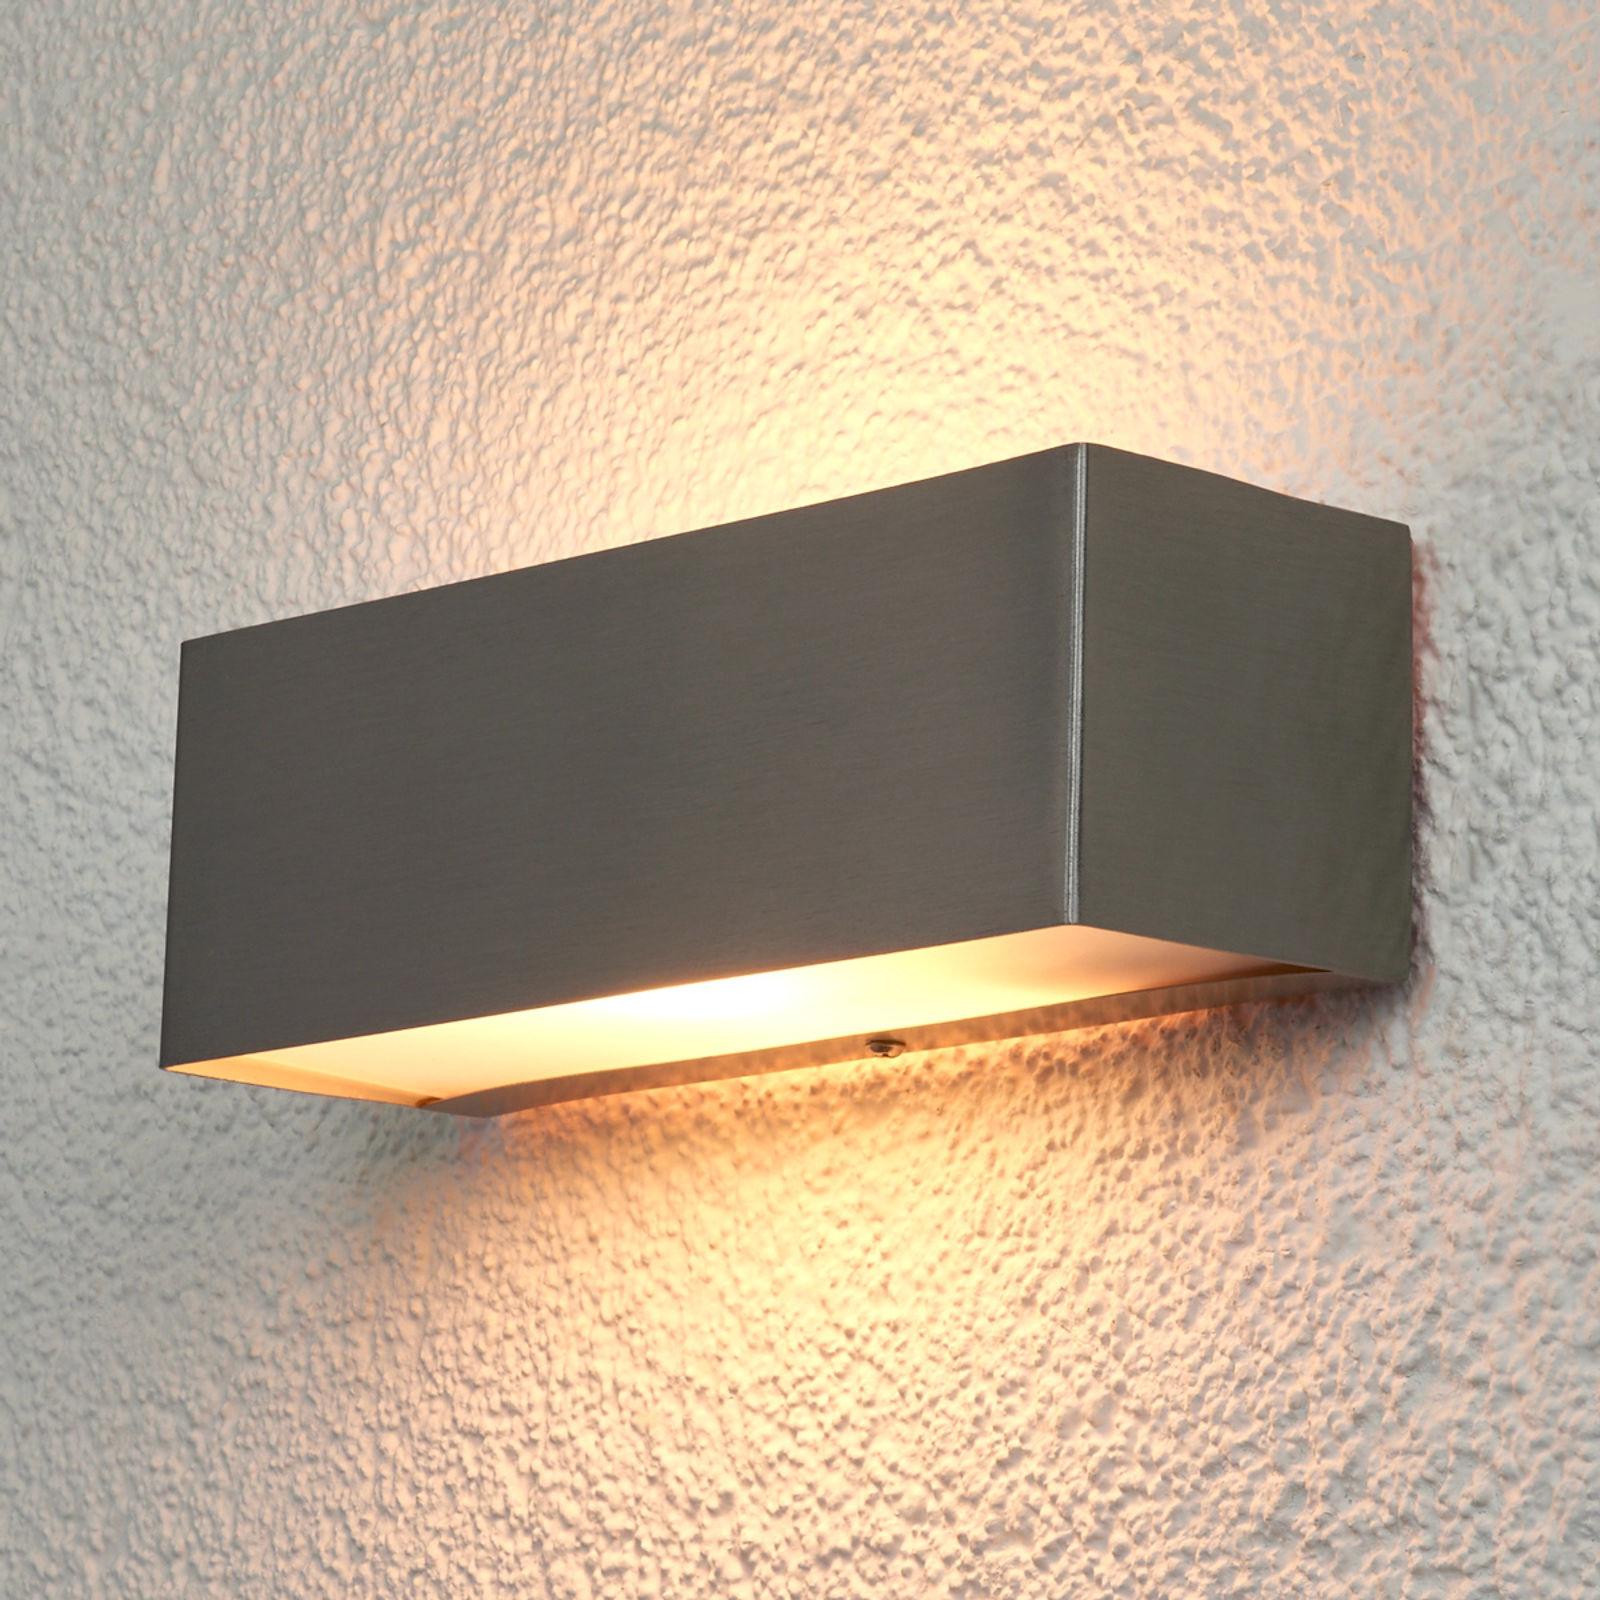 Prostokątna lampa ścienna Alicja na zewnątrz